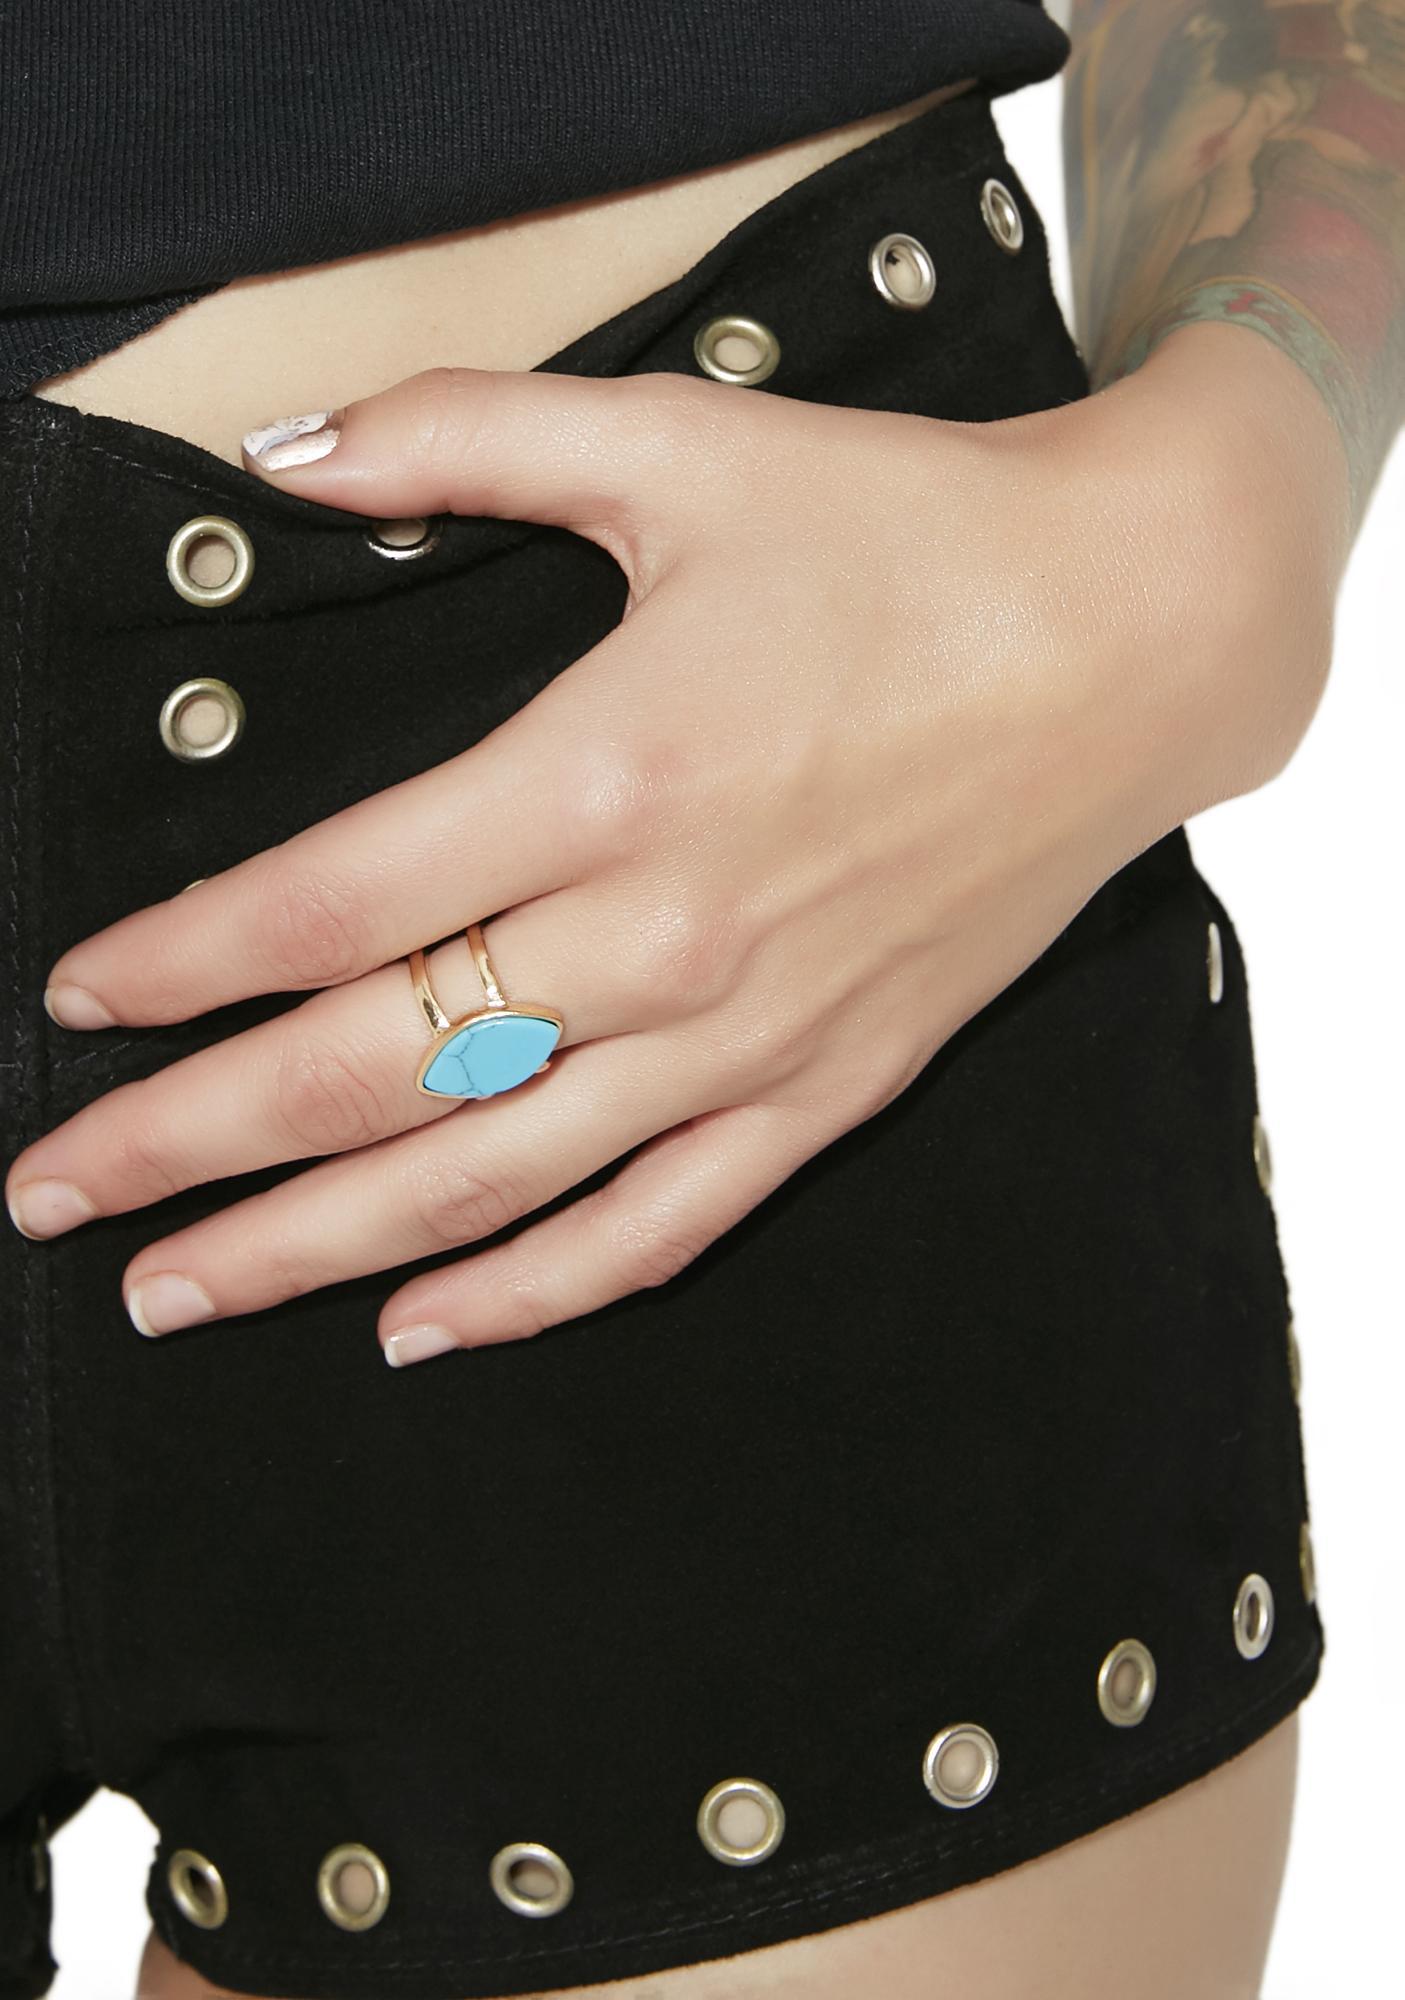 8th Wonder Turquoise Ring